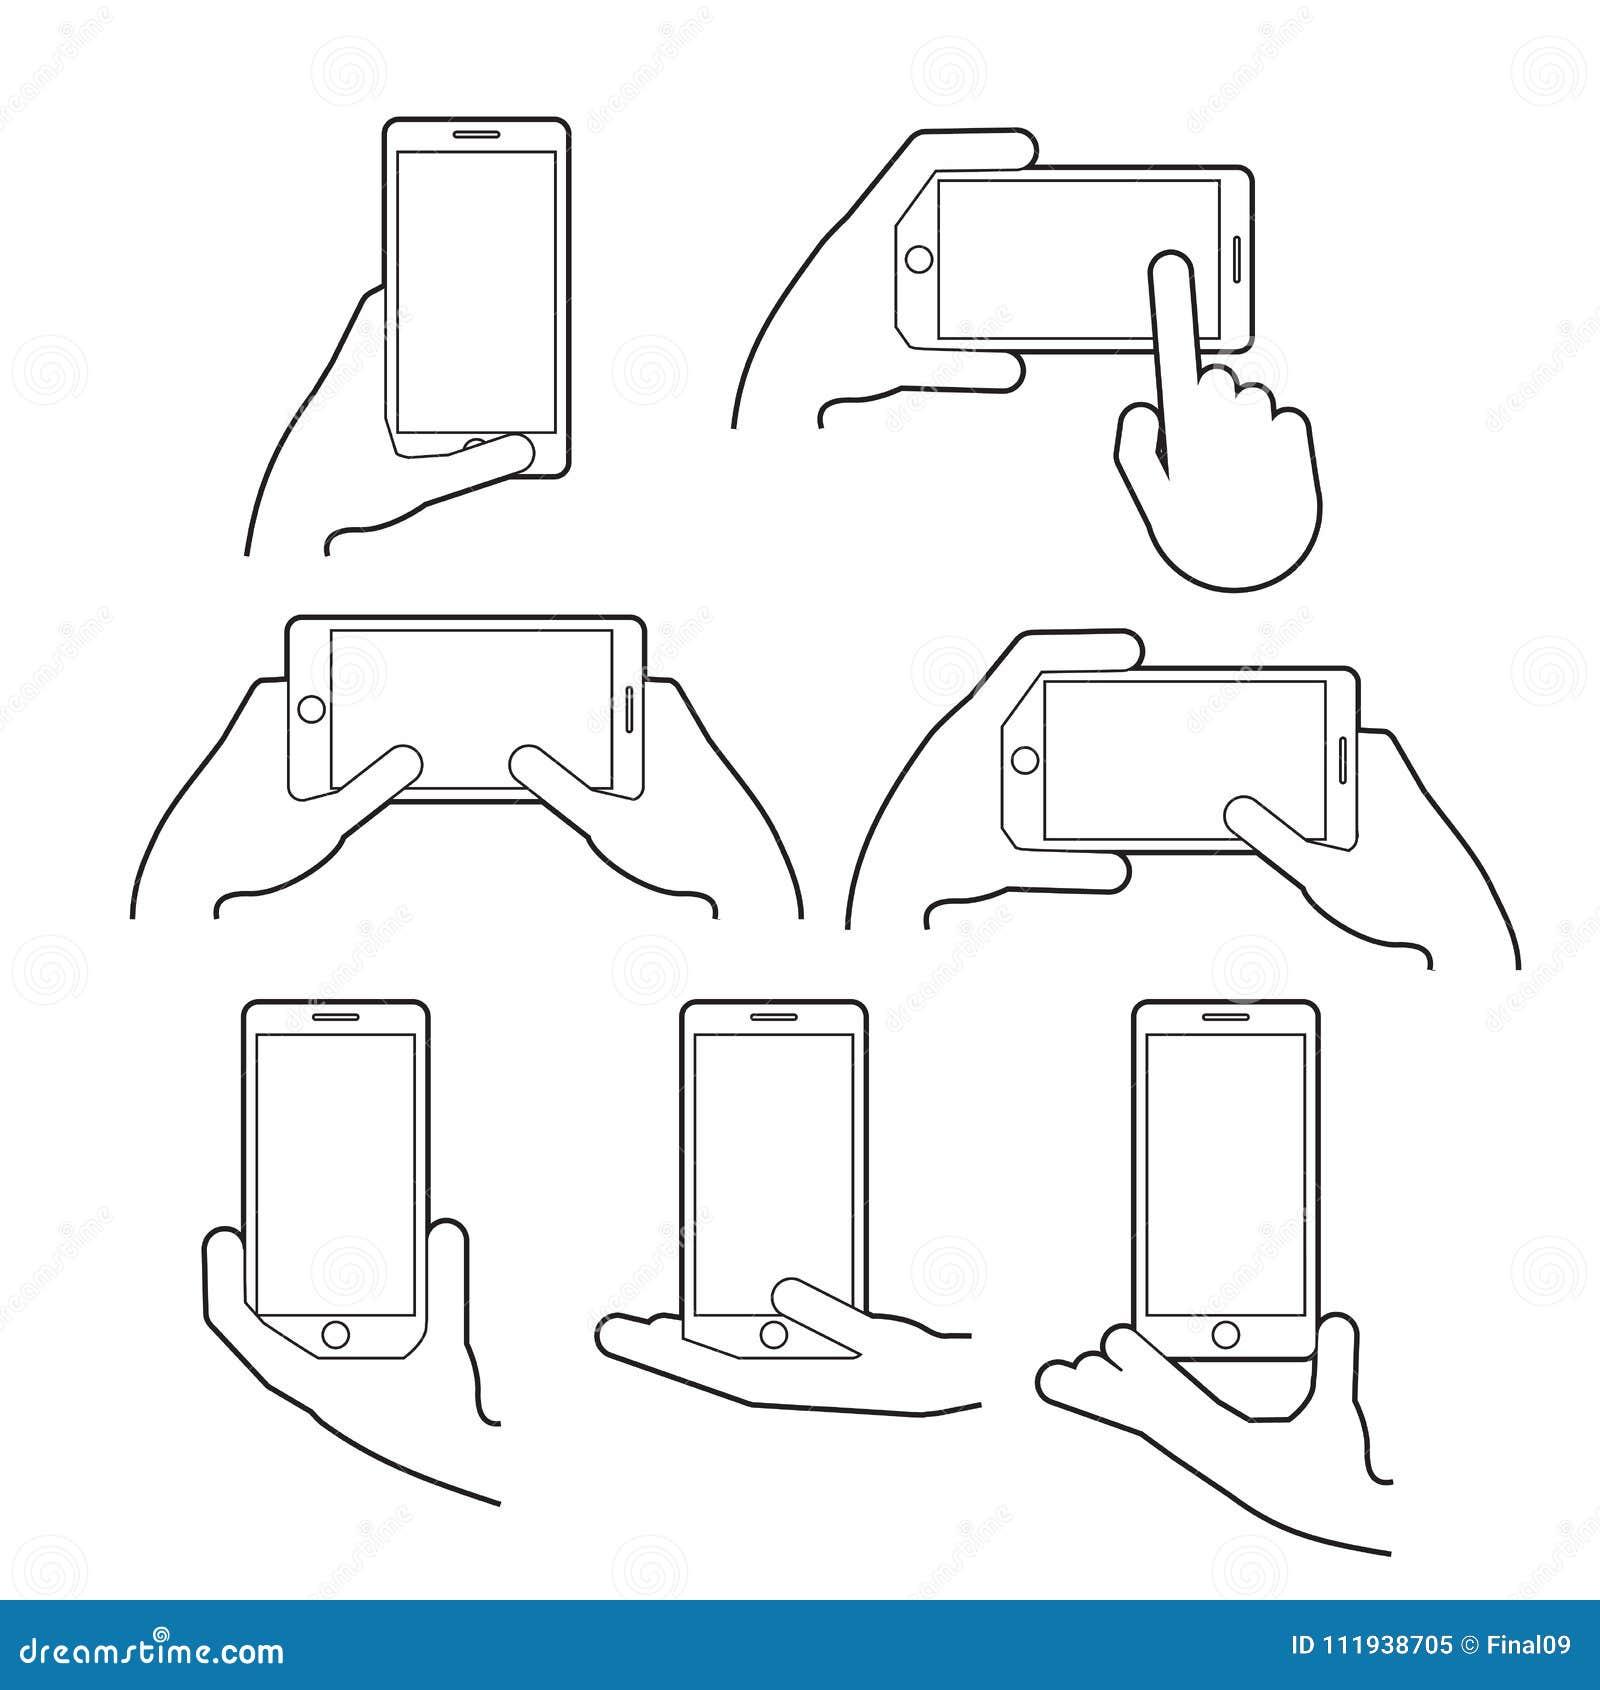 Dé a controles un teléfono elegante en la posición vertical y horizontal